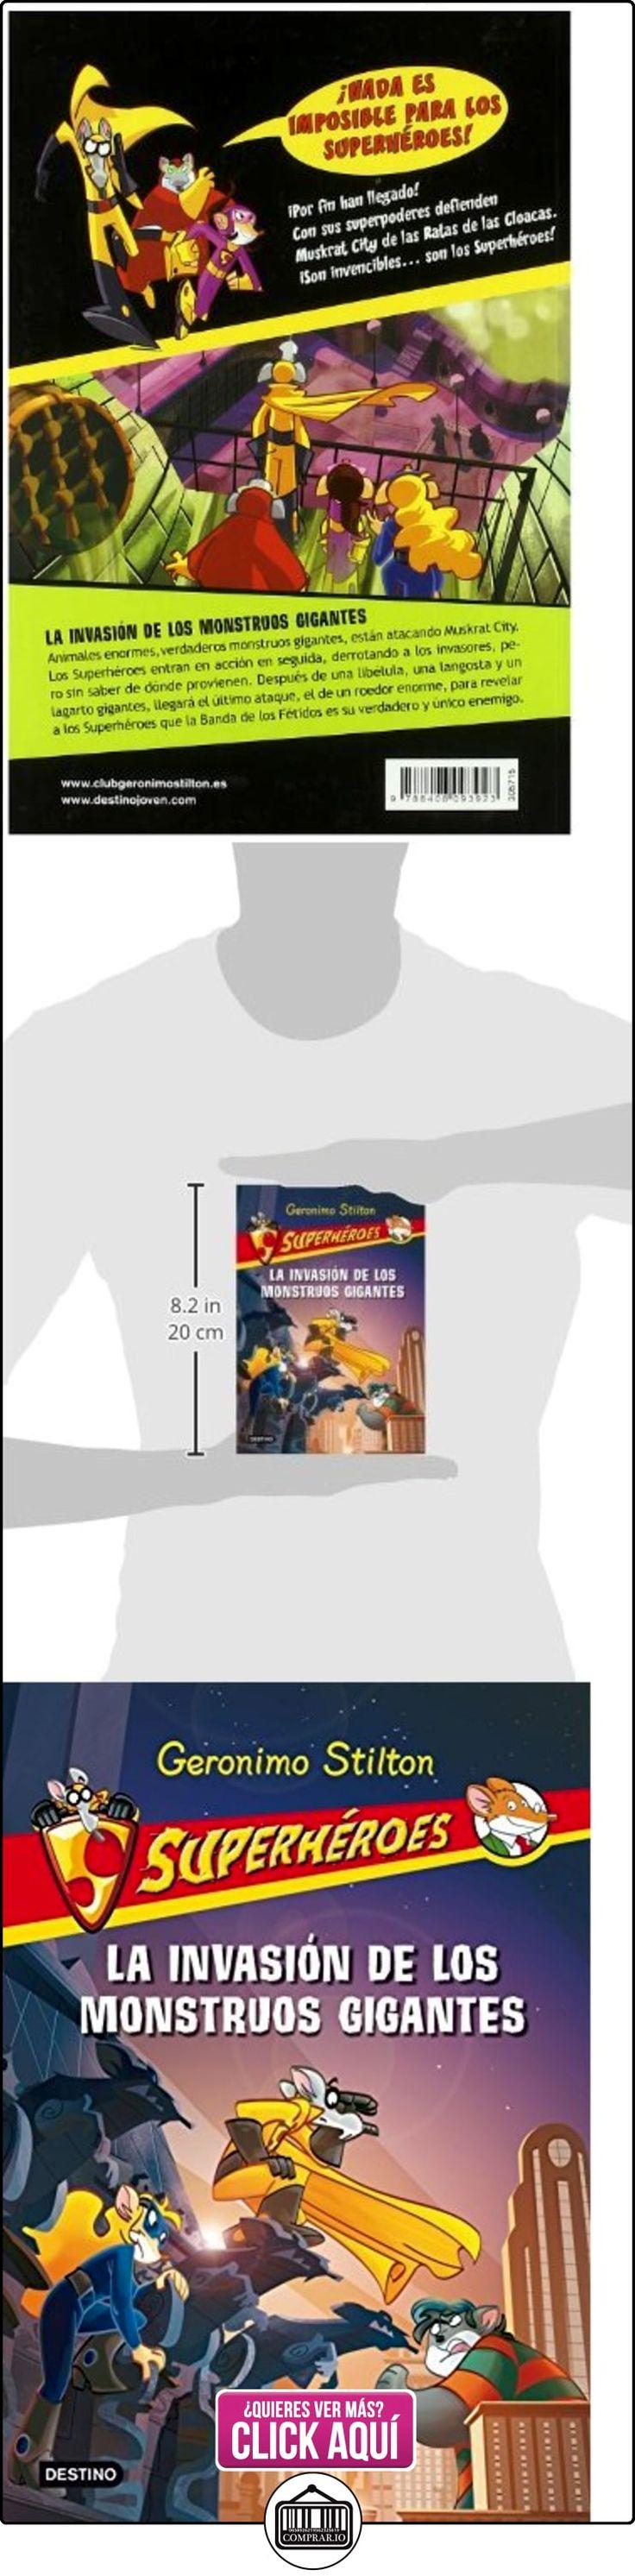 Stilton: superhéroes 2: la invasión de los monstruos gigantes Geronimo Stilton ✿ Libros infantiles y juveniles - (De 6 a 9 años) ✿ ▬► Ver oferta: http://comprar.io/goto/8408093924